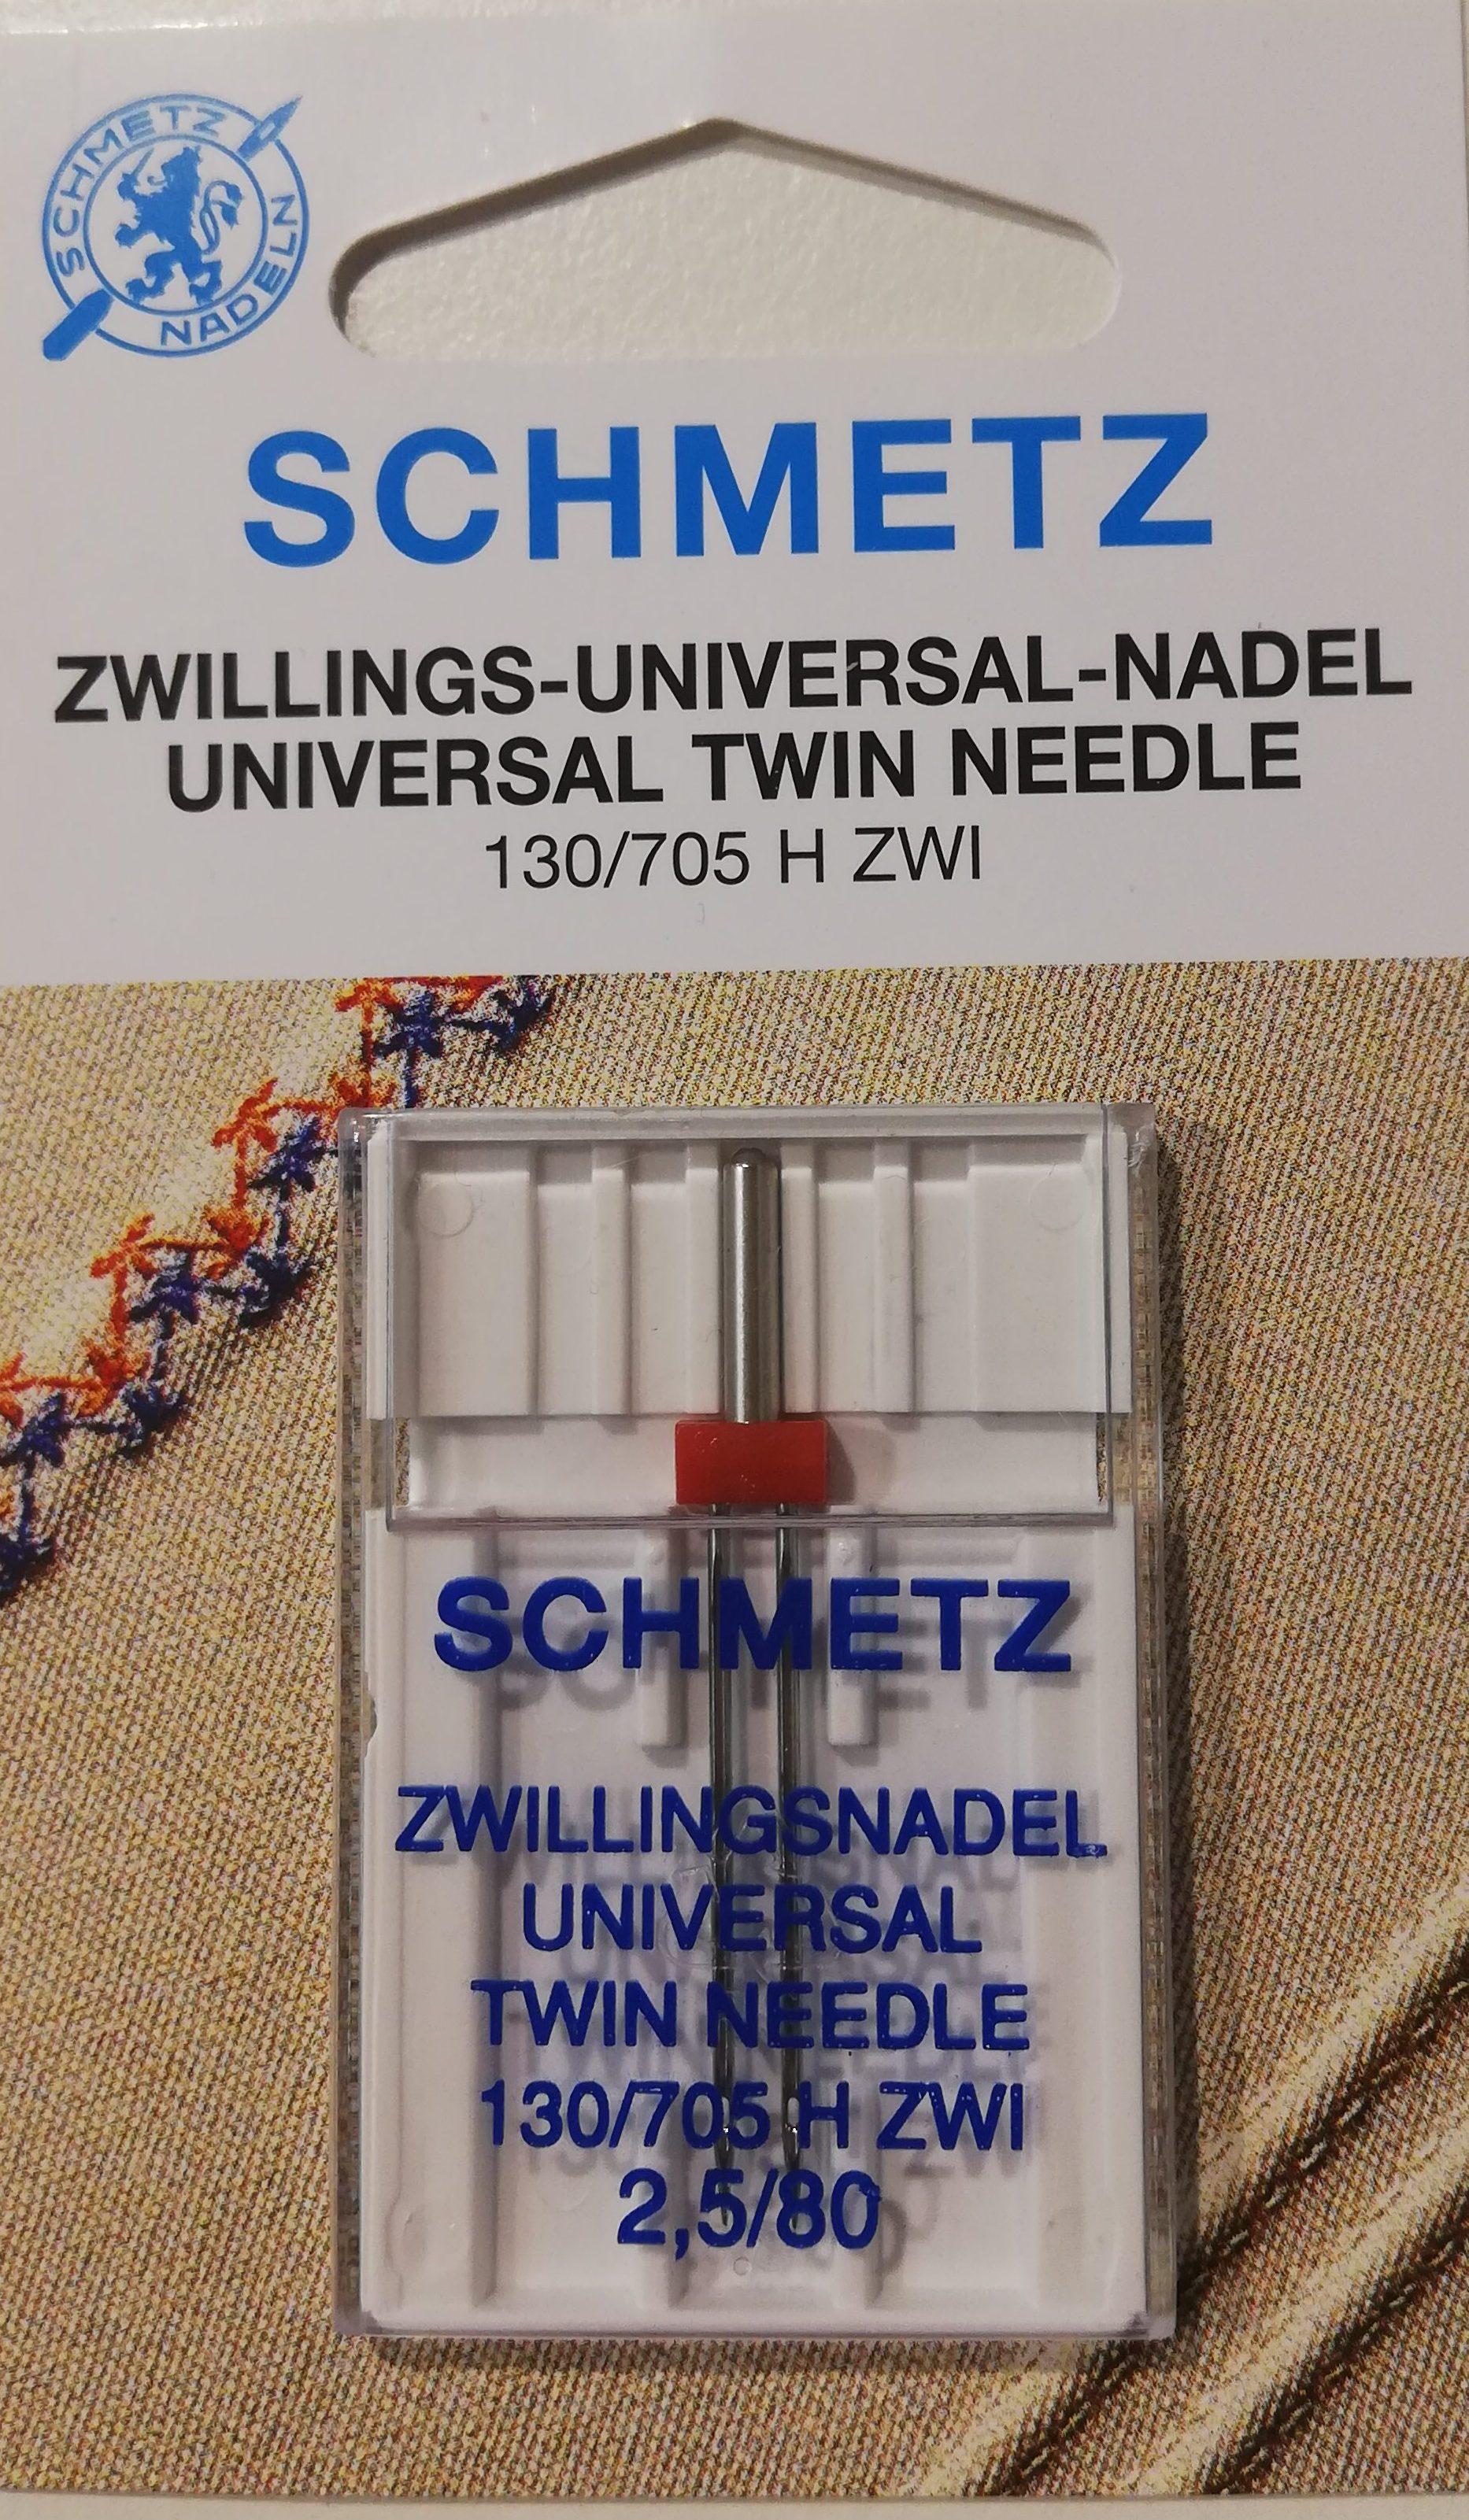 Schmetz tweeling naald universal 2.5/80